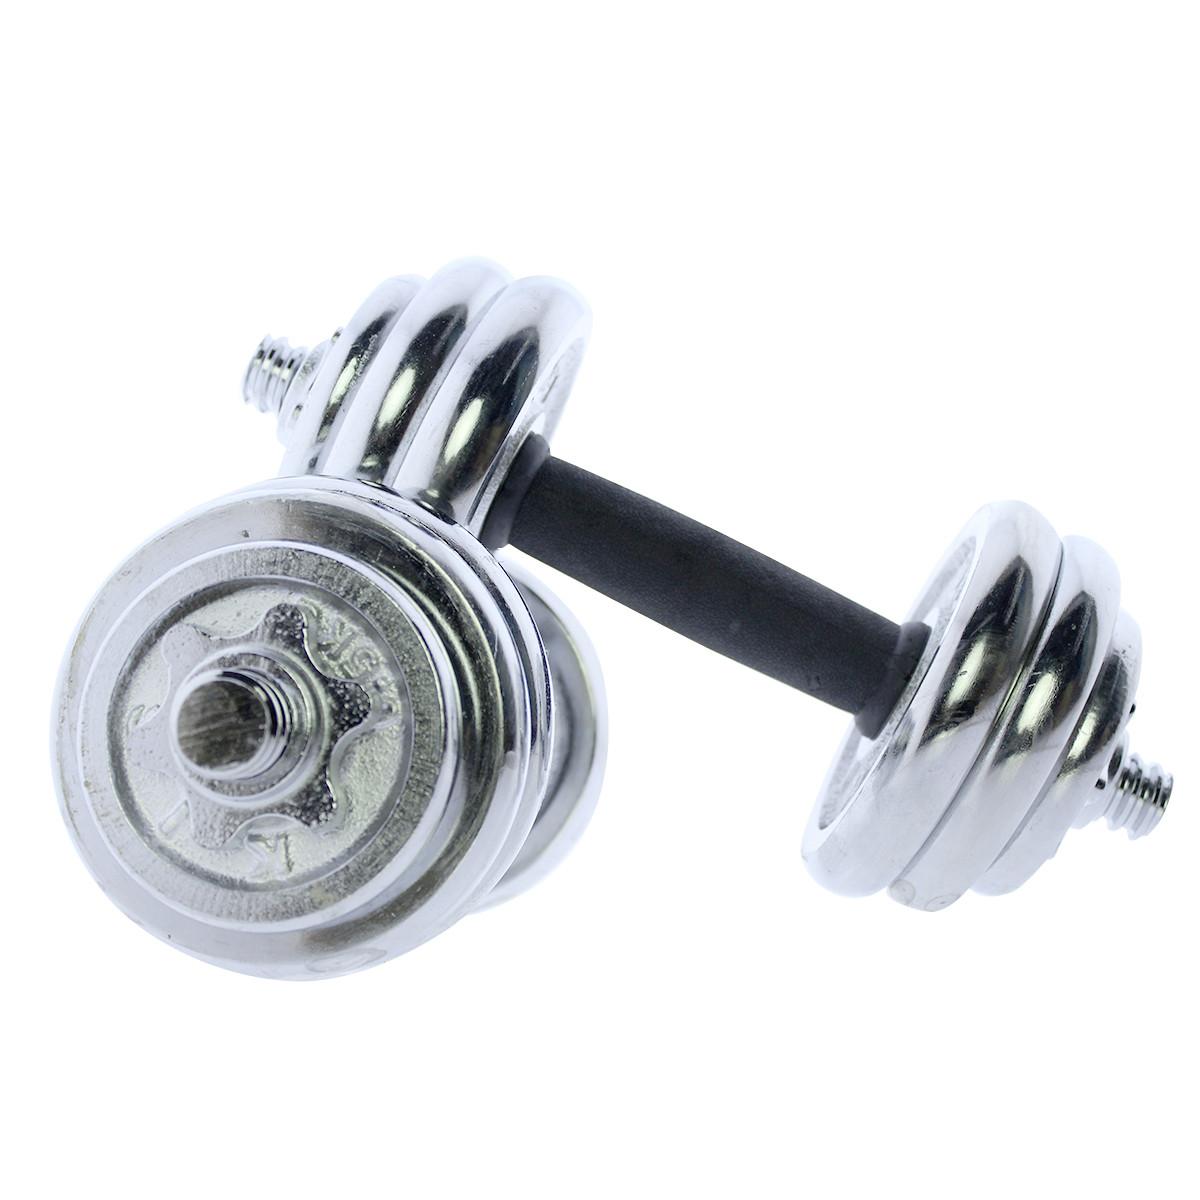 Set-de-mancuernas-ajustables-cromadas-10kg-15kg-20kg-Riscko miniatura 16